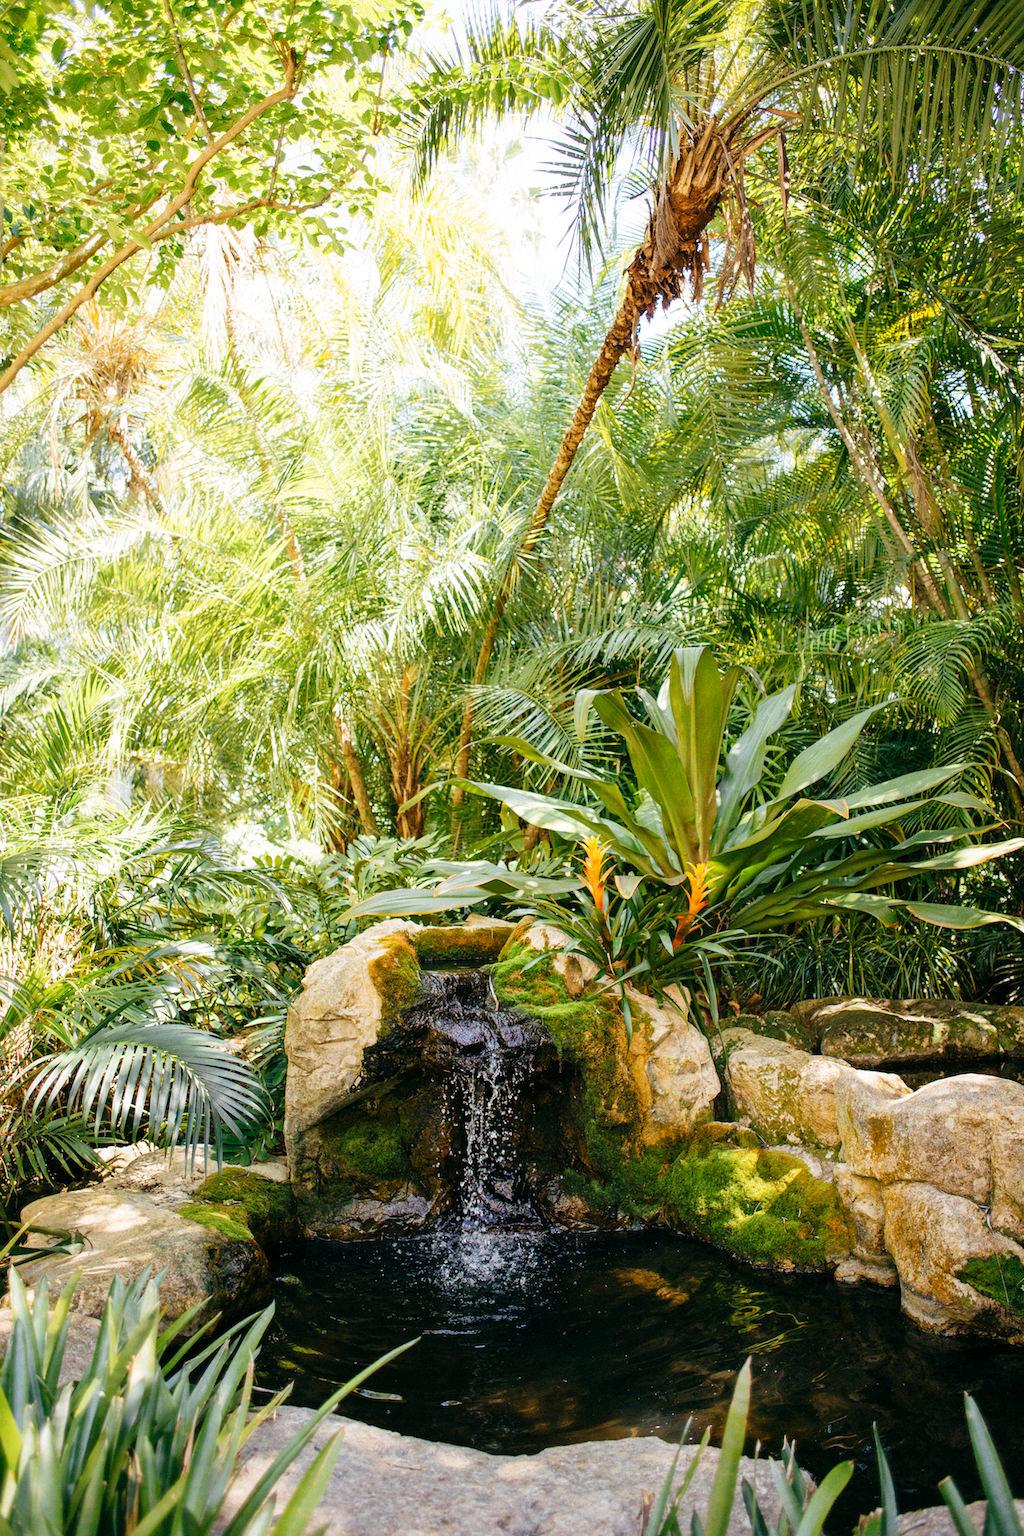 Outdoor Tropical Inspired St. Pete Wedding Venue | Sunken Gardens